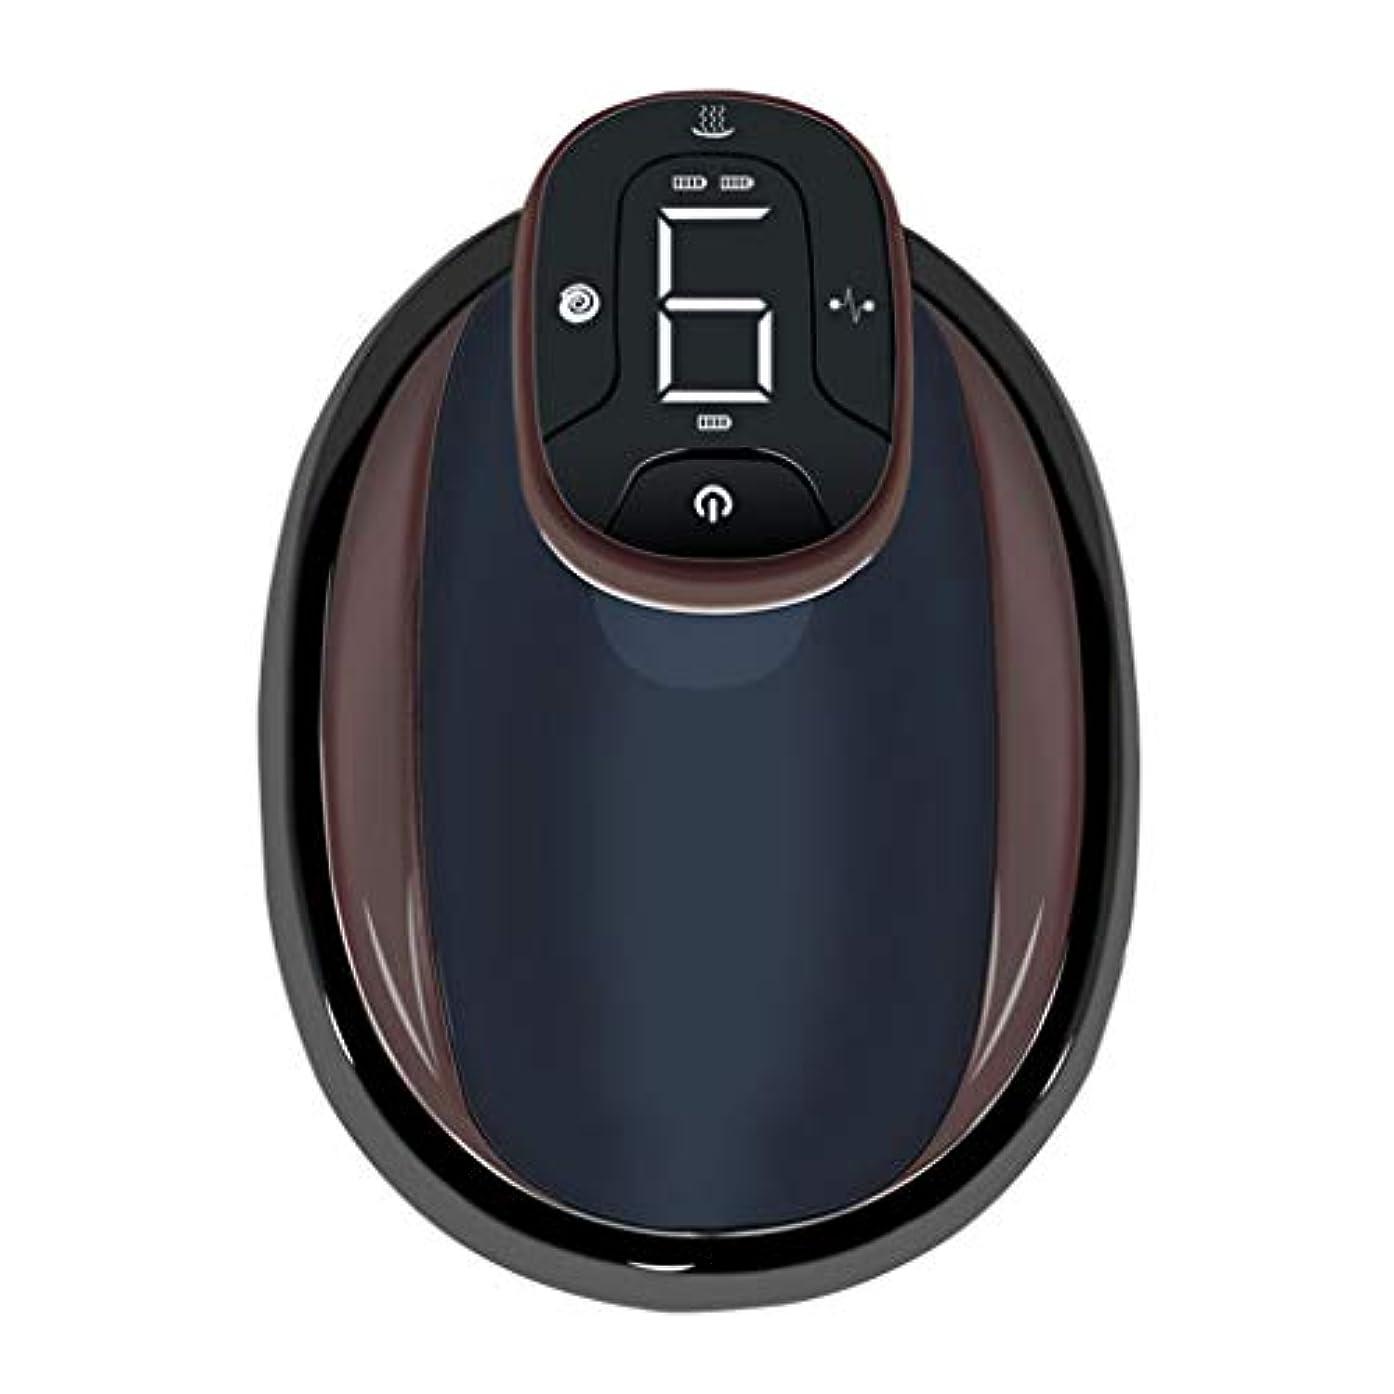 ハーブヒロイック教え電動スクレーピングマッサージ、USBネガティブメリディアンマッサージ、バック&ボディウエストレッグマッサージ用,黒